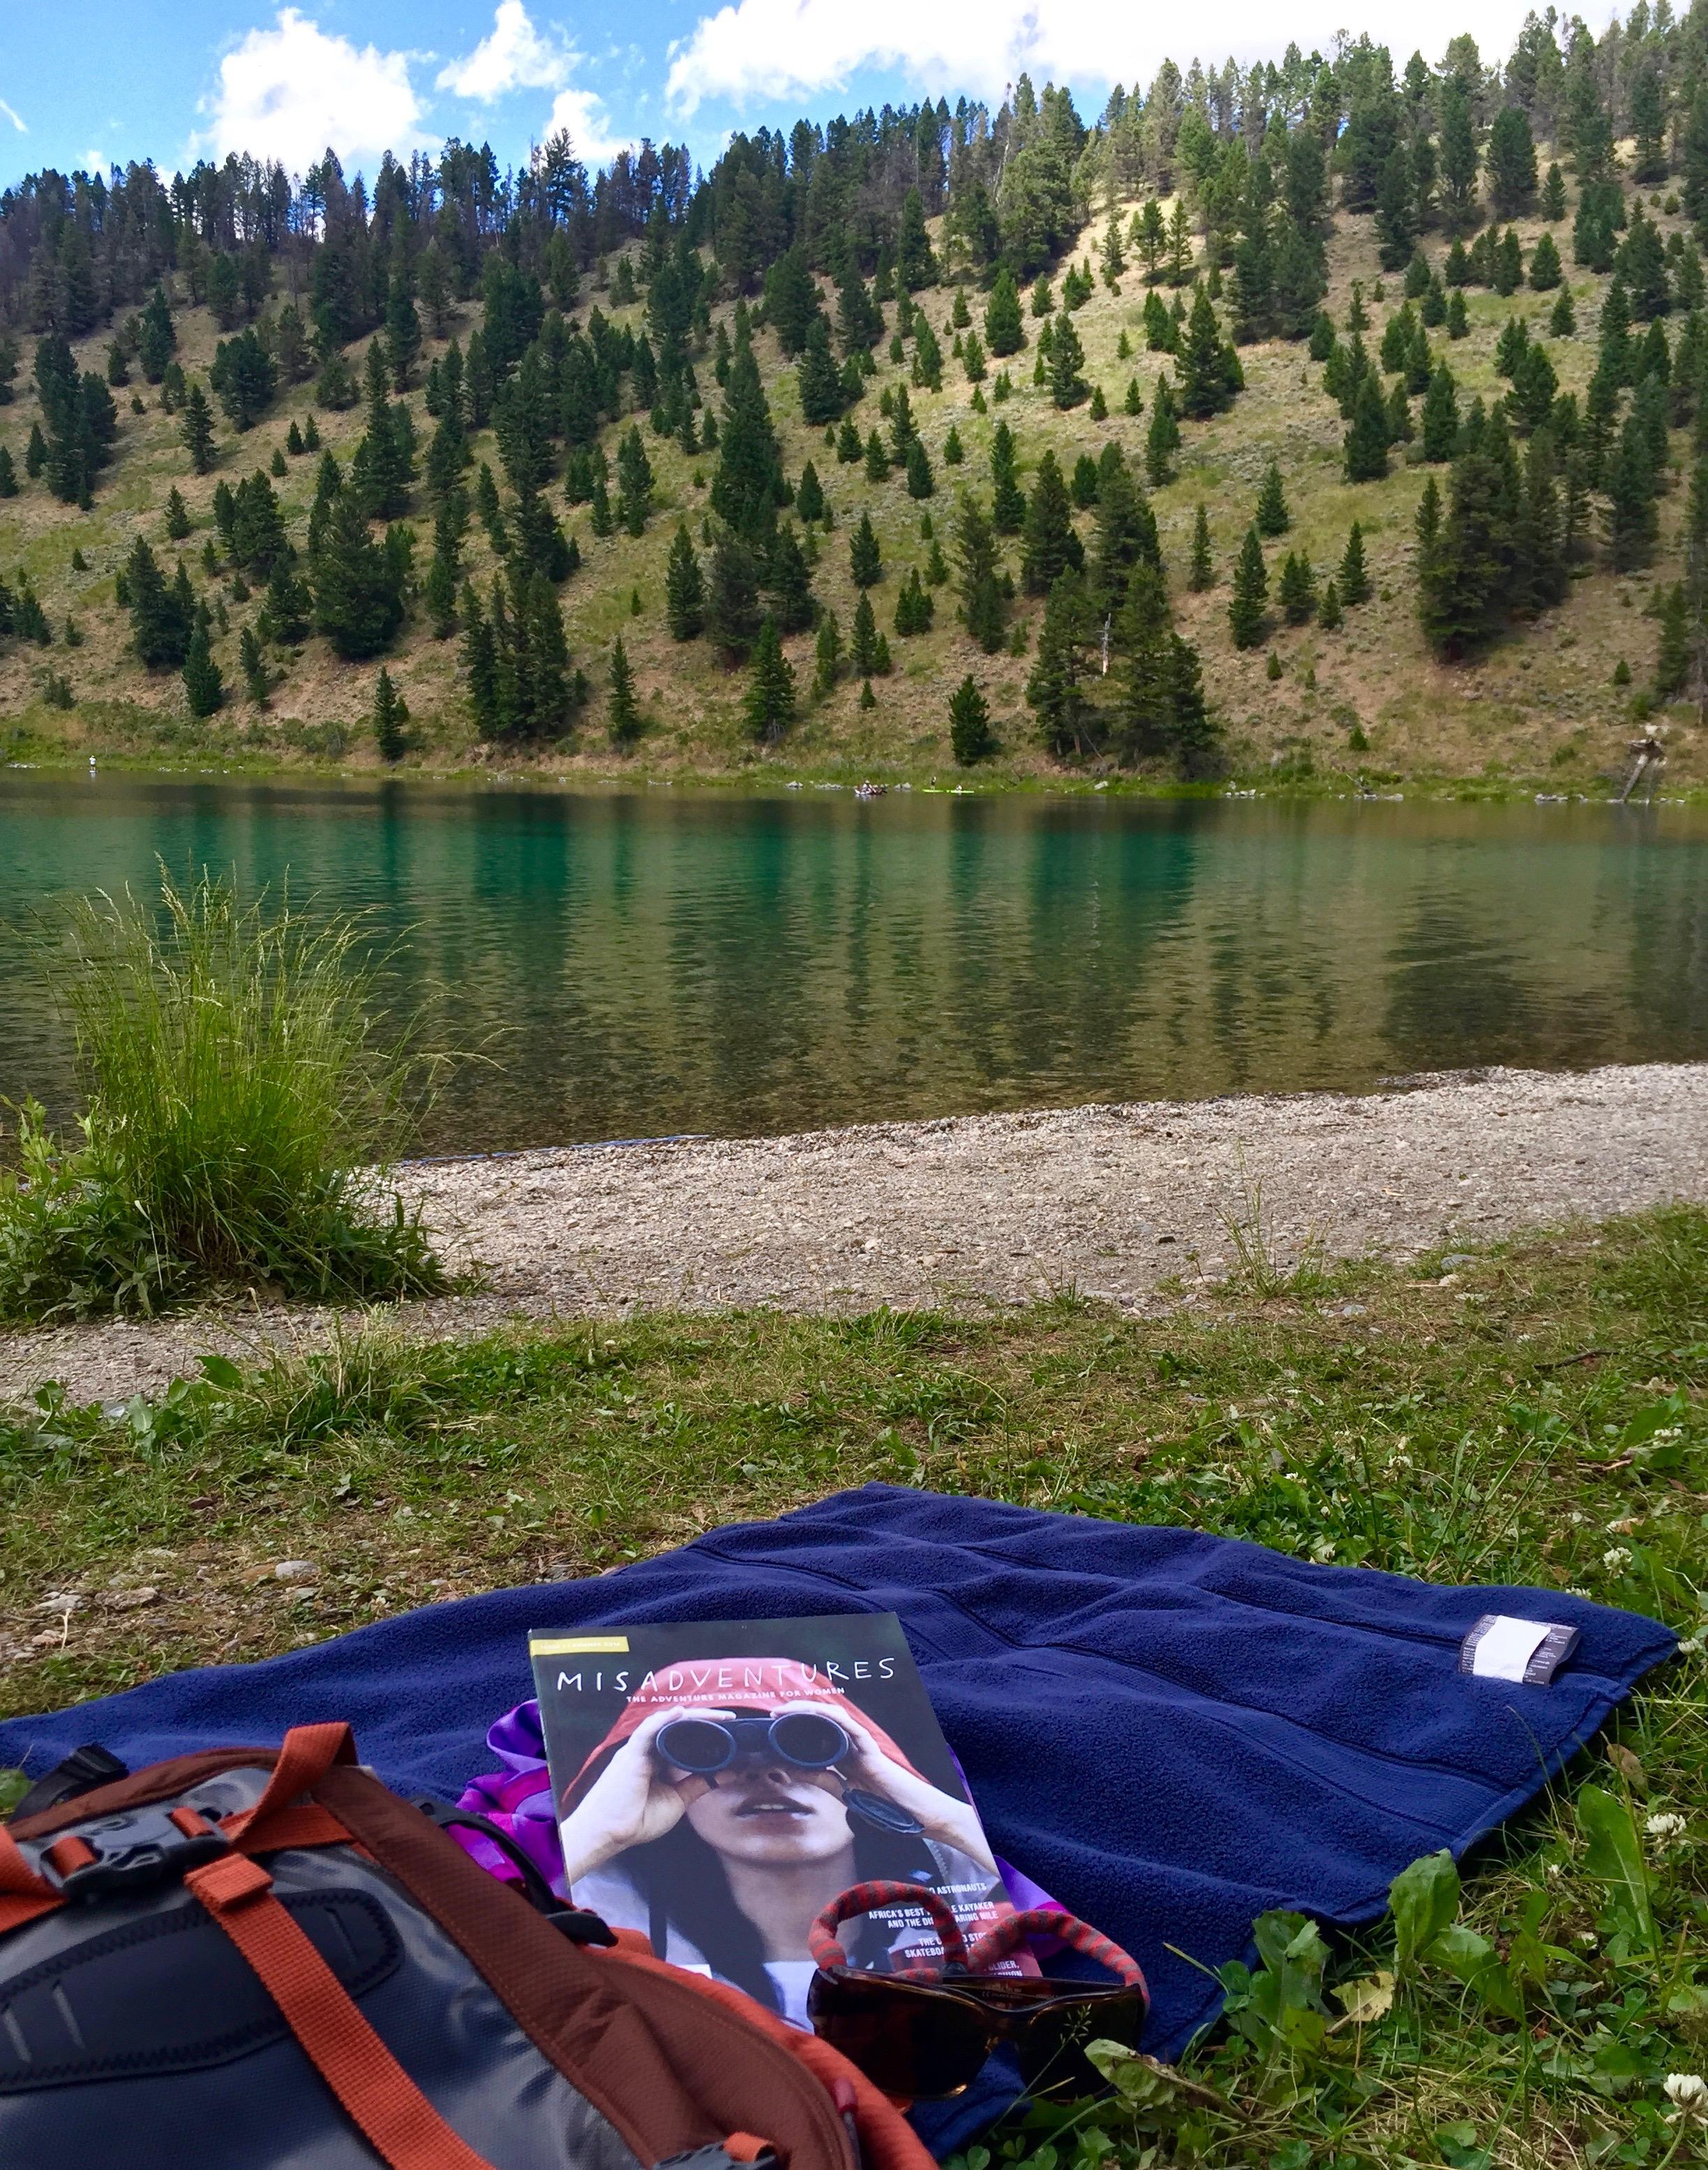 Enjoying my reading at stunning Wade Lake in Montana!